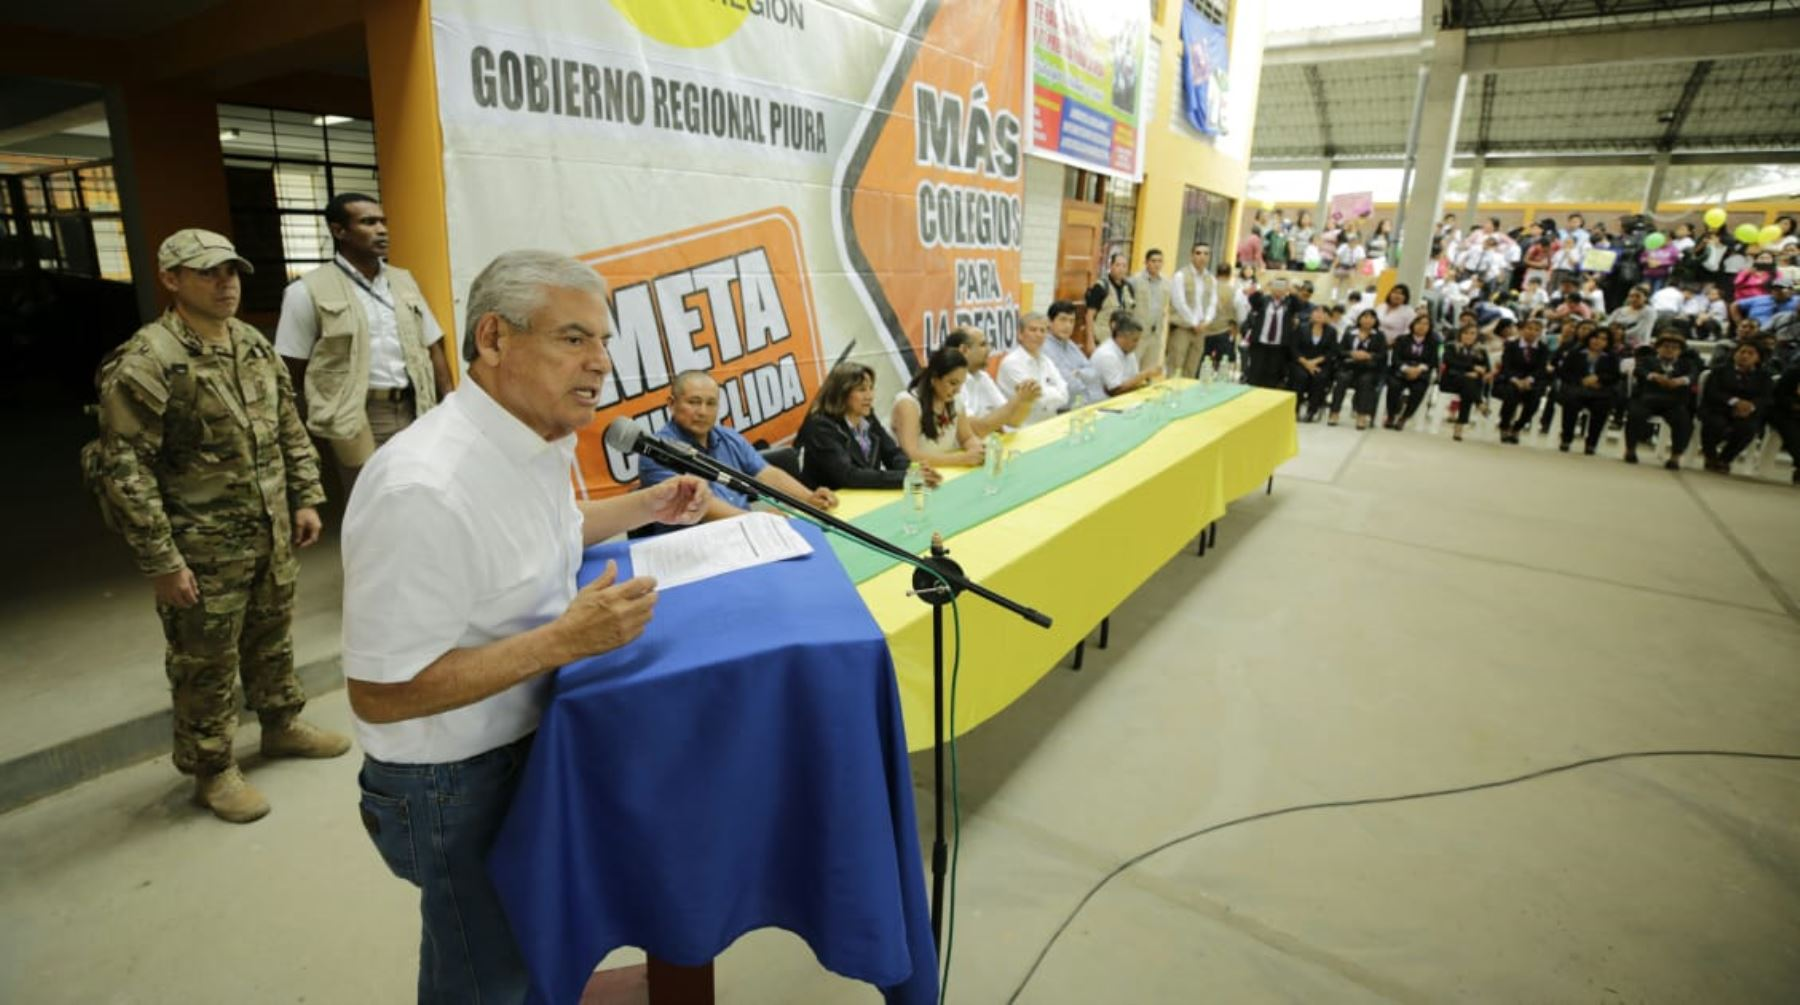 El jefe del Gabinete Ministerial, César Villanueva, participa de una nueva edición del Muni Ejecutivo en la región Piura, junto a autoridades ediles locales y provinciales. Foto: ANDINA/PCM